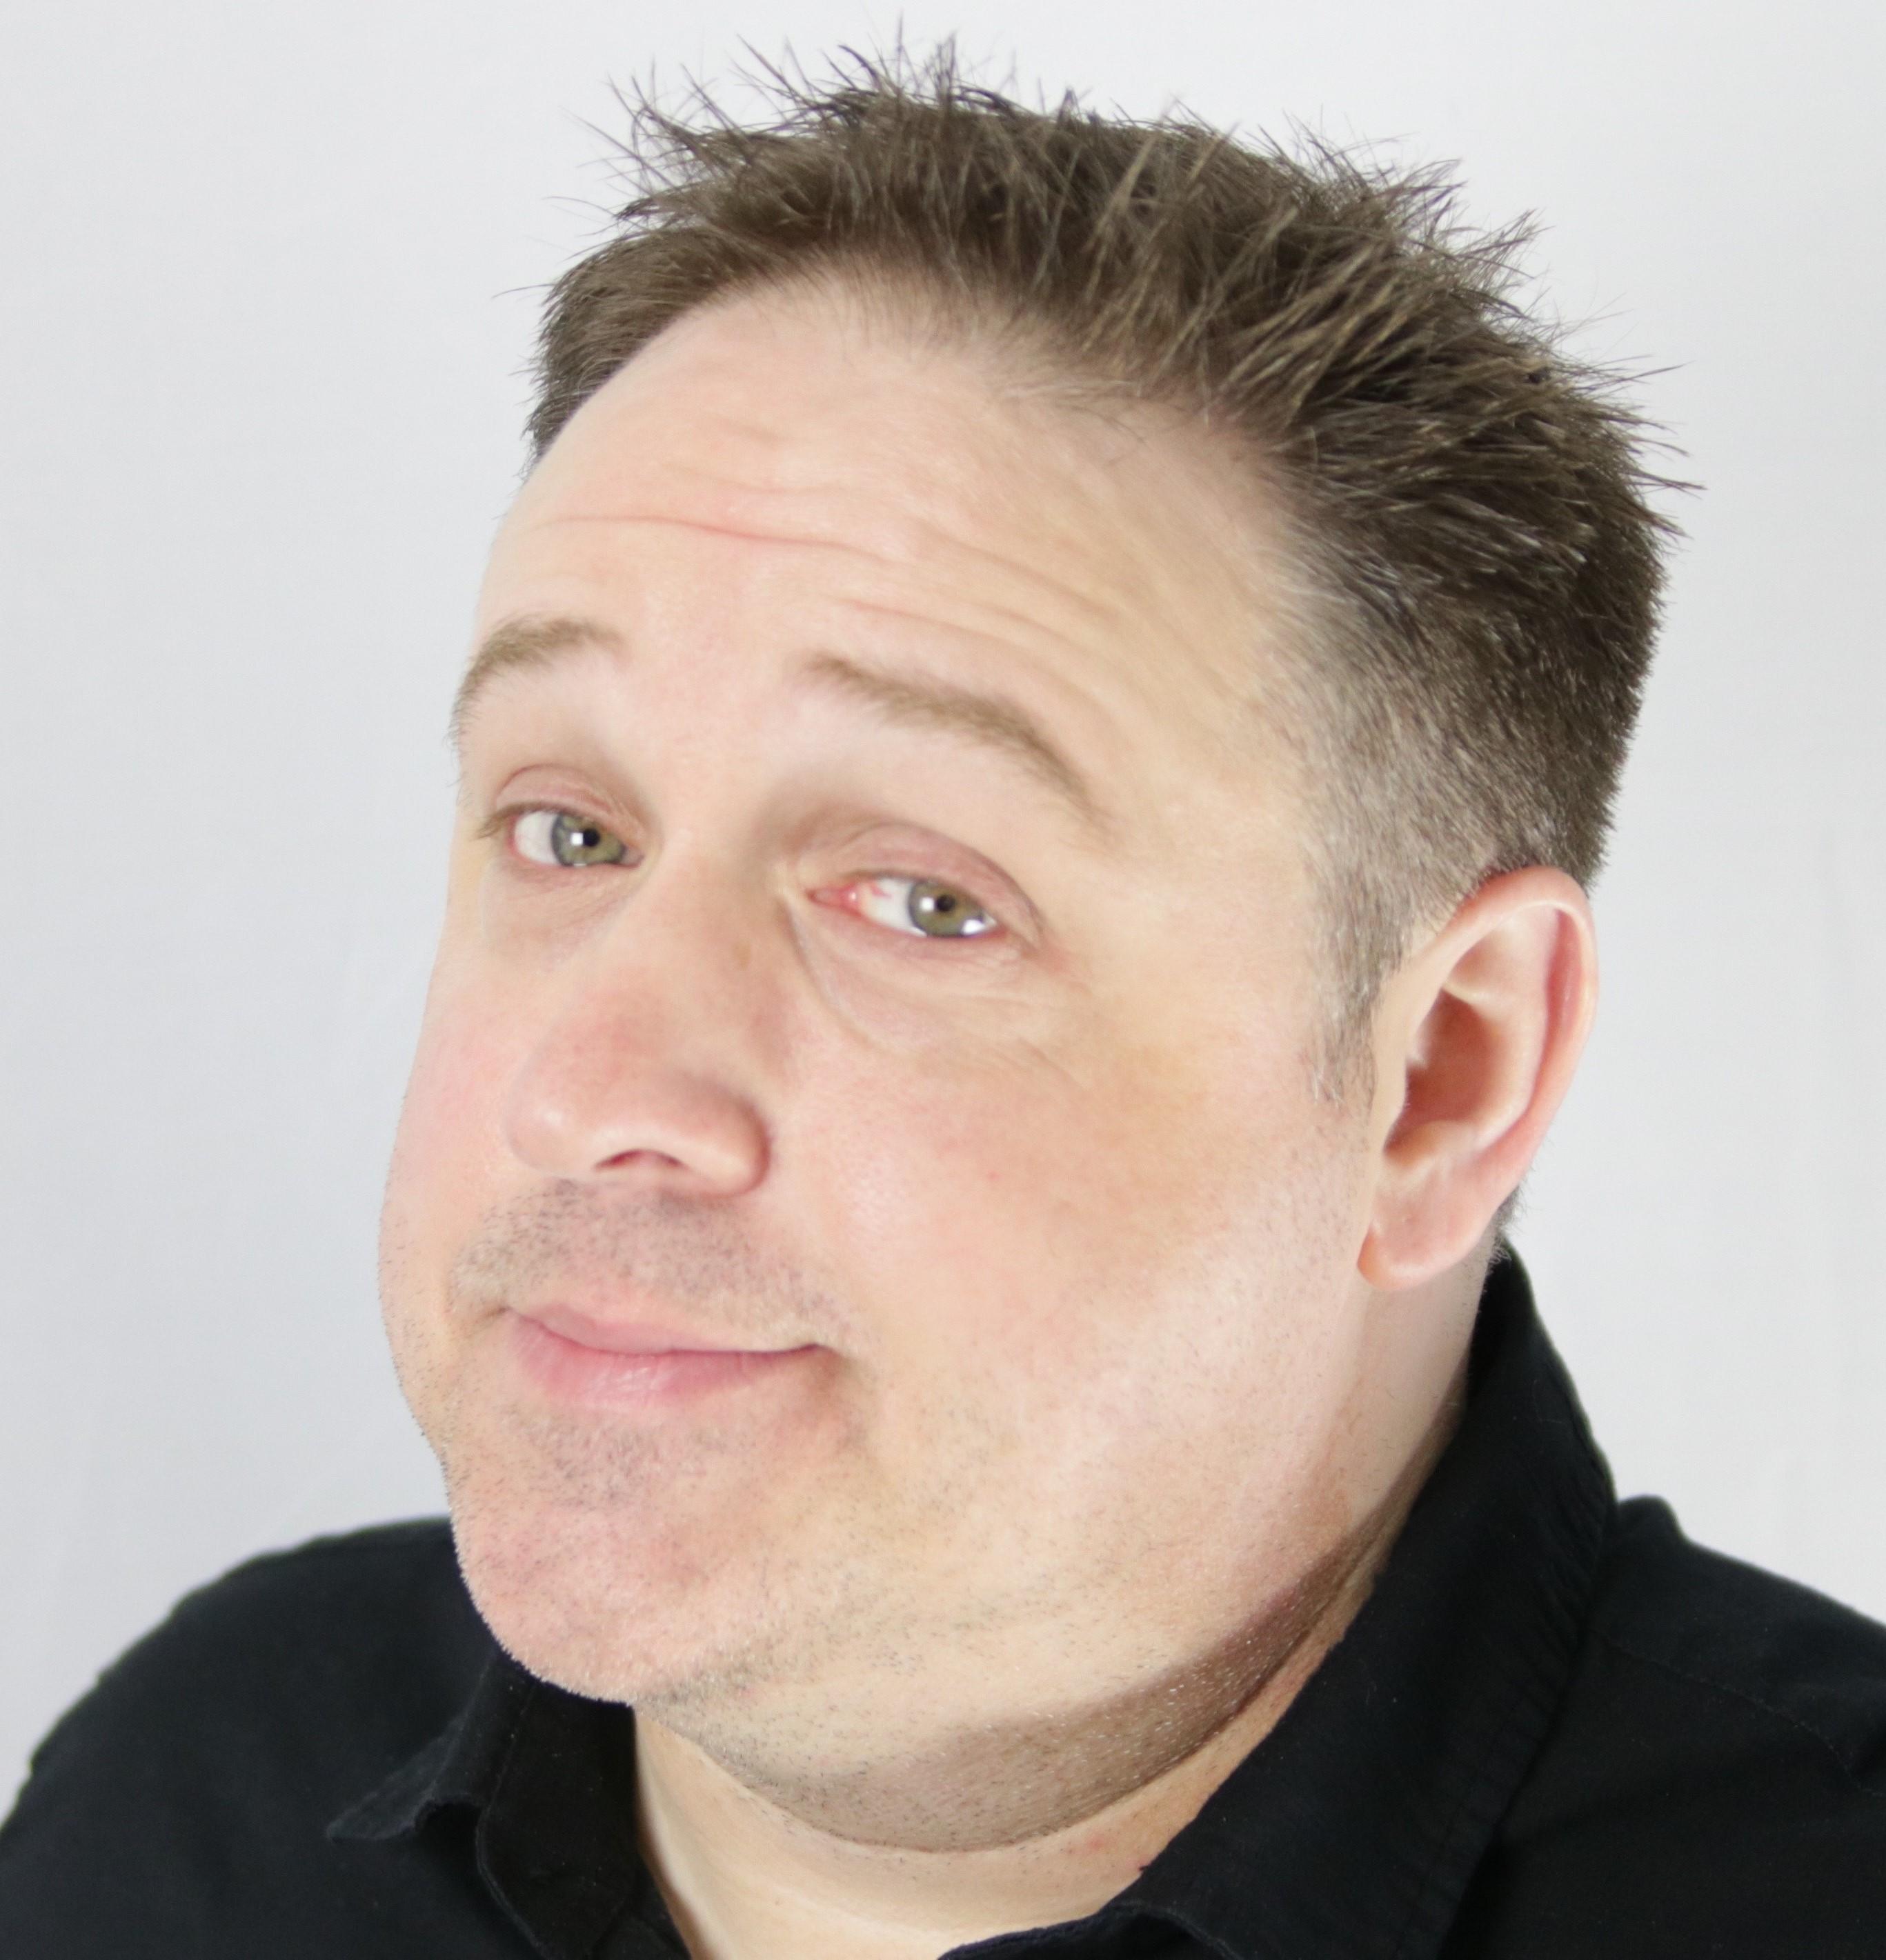 Mike Gaffney